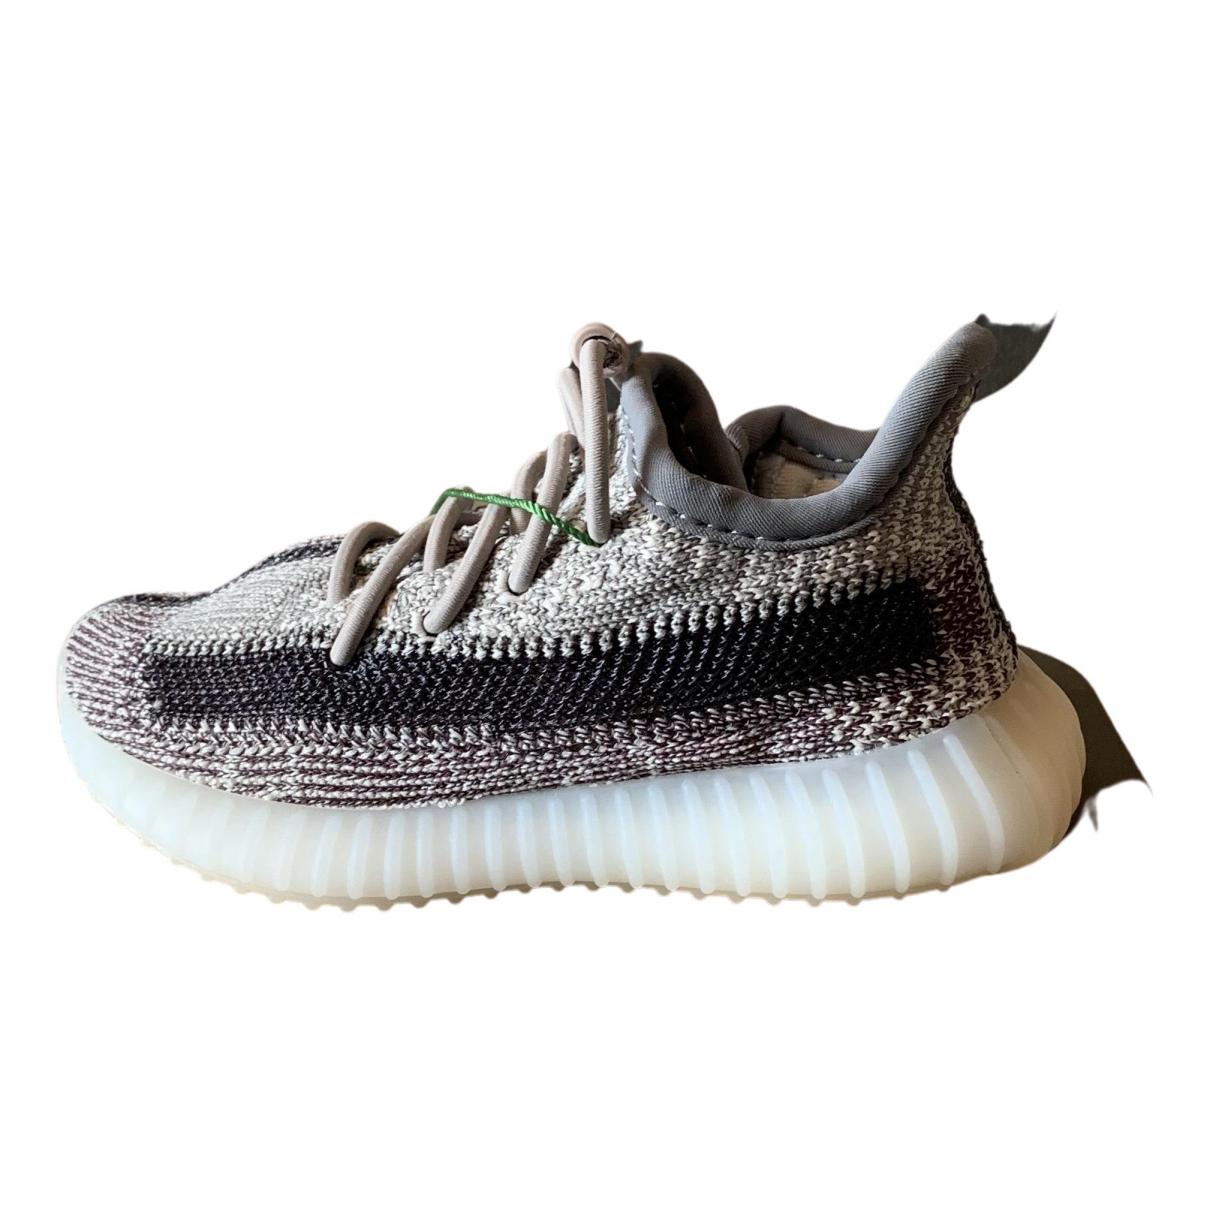 Yeezy X Adidas - Baskets Boost 350 V2 pour enfant en toile - gris